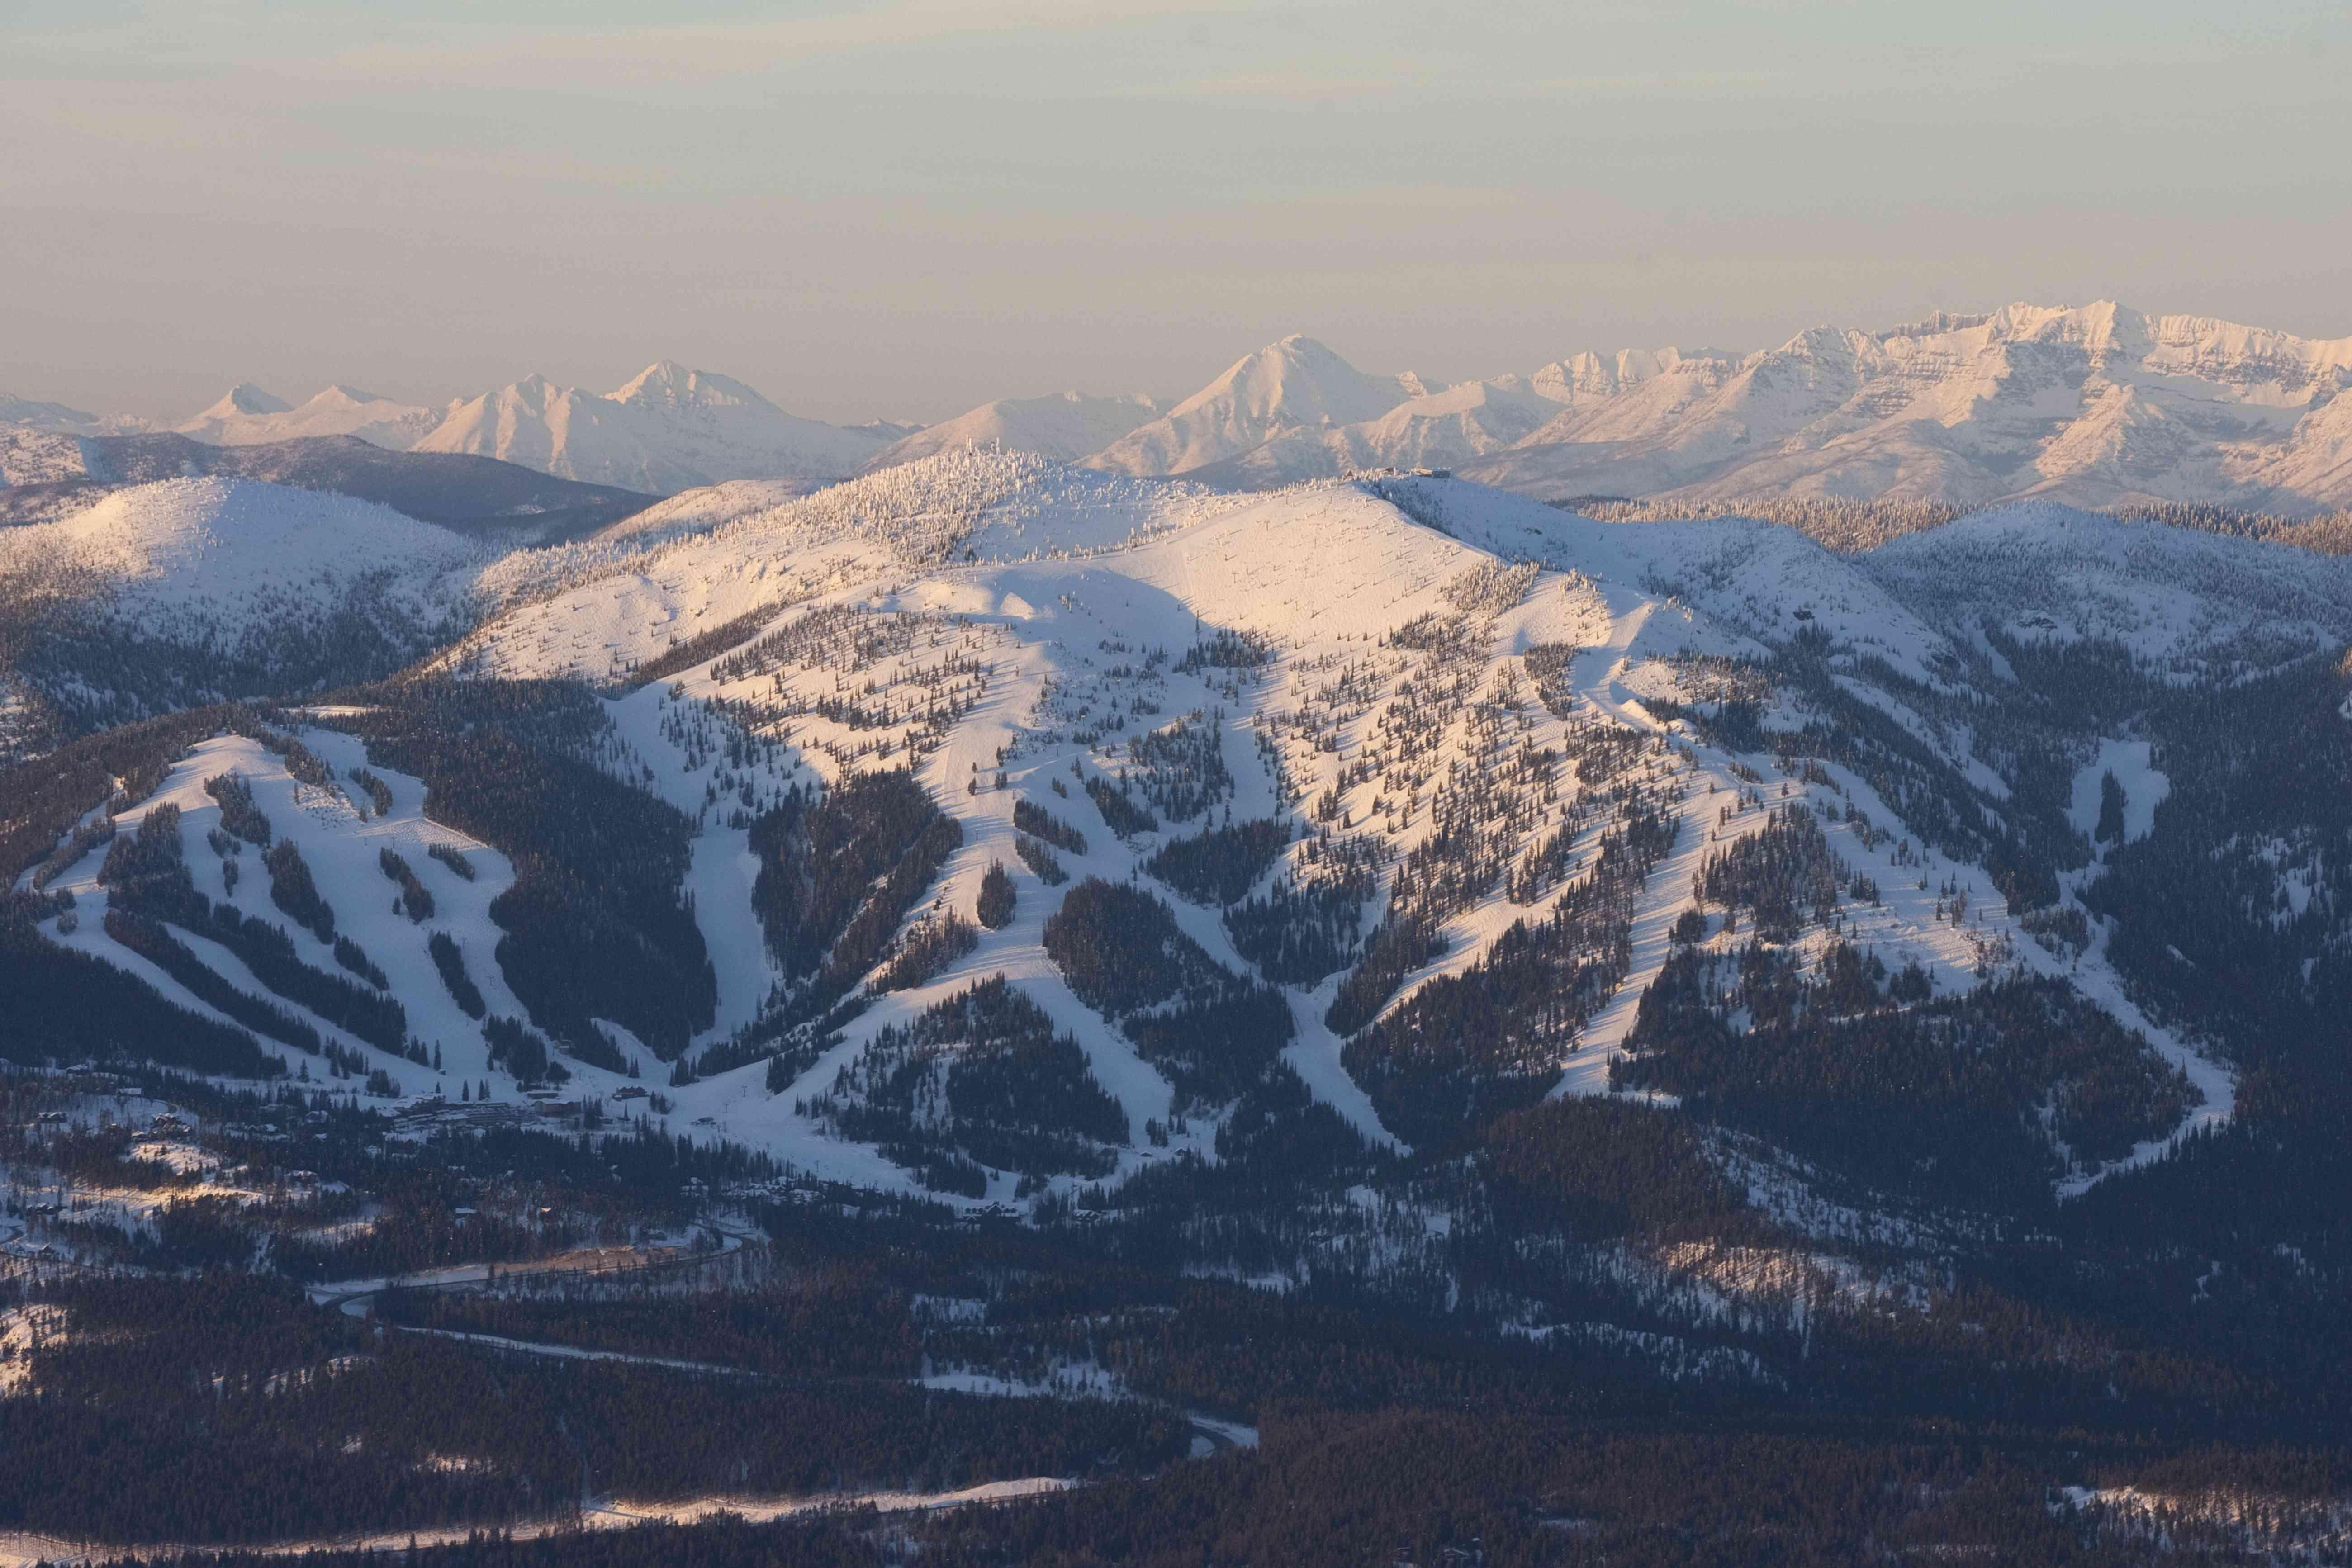 Whitefish Mountain at sunset.